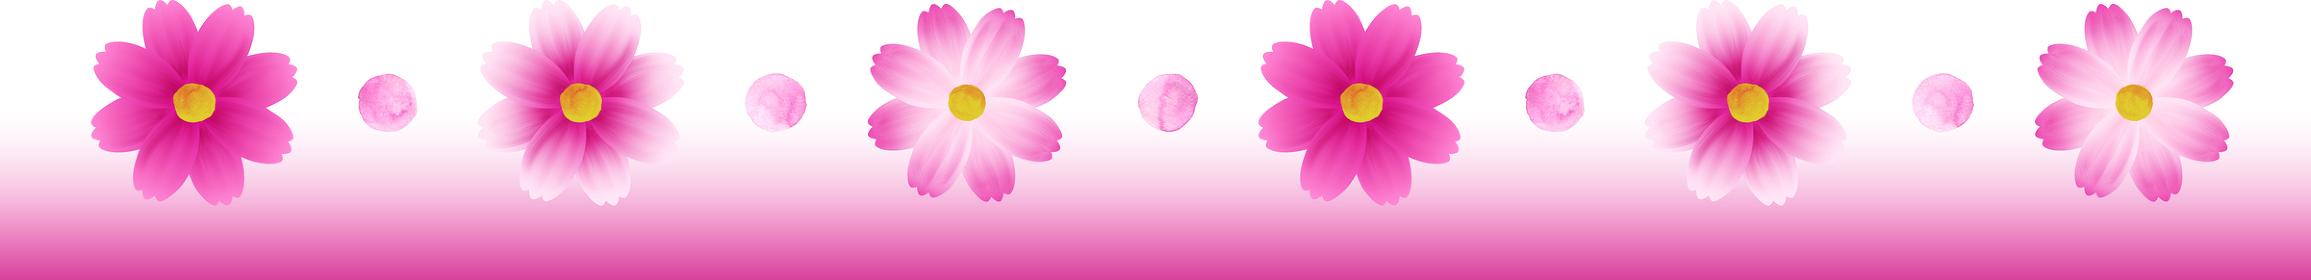 ピンクのグラデーションのコスモスのカットイラスト、ライン状の装飾、秋イメージ